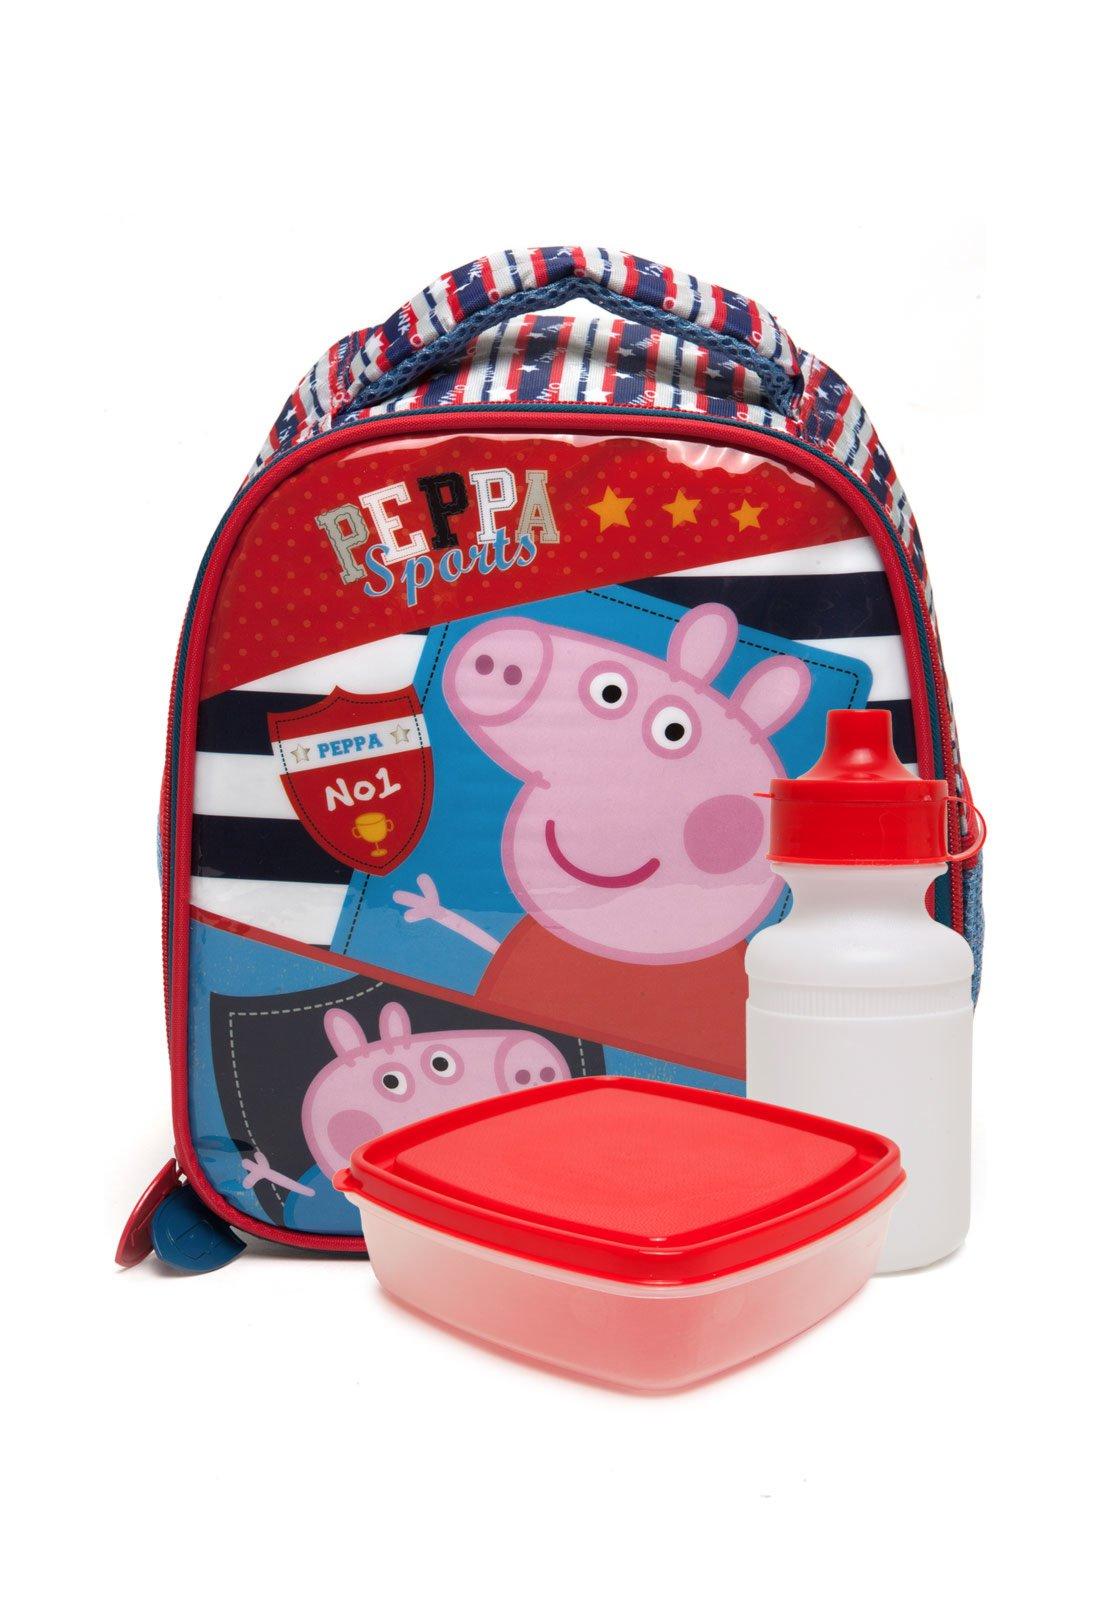 882dca0e7 Lancheira Xeryus Infantil Peppa Pig Sports Azul/Vermelha - Compre Agora |  Tricae Brasil